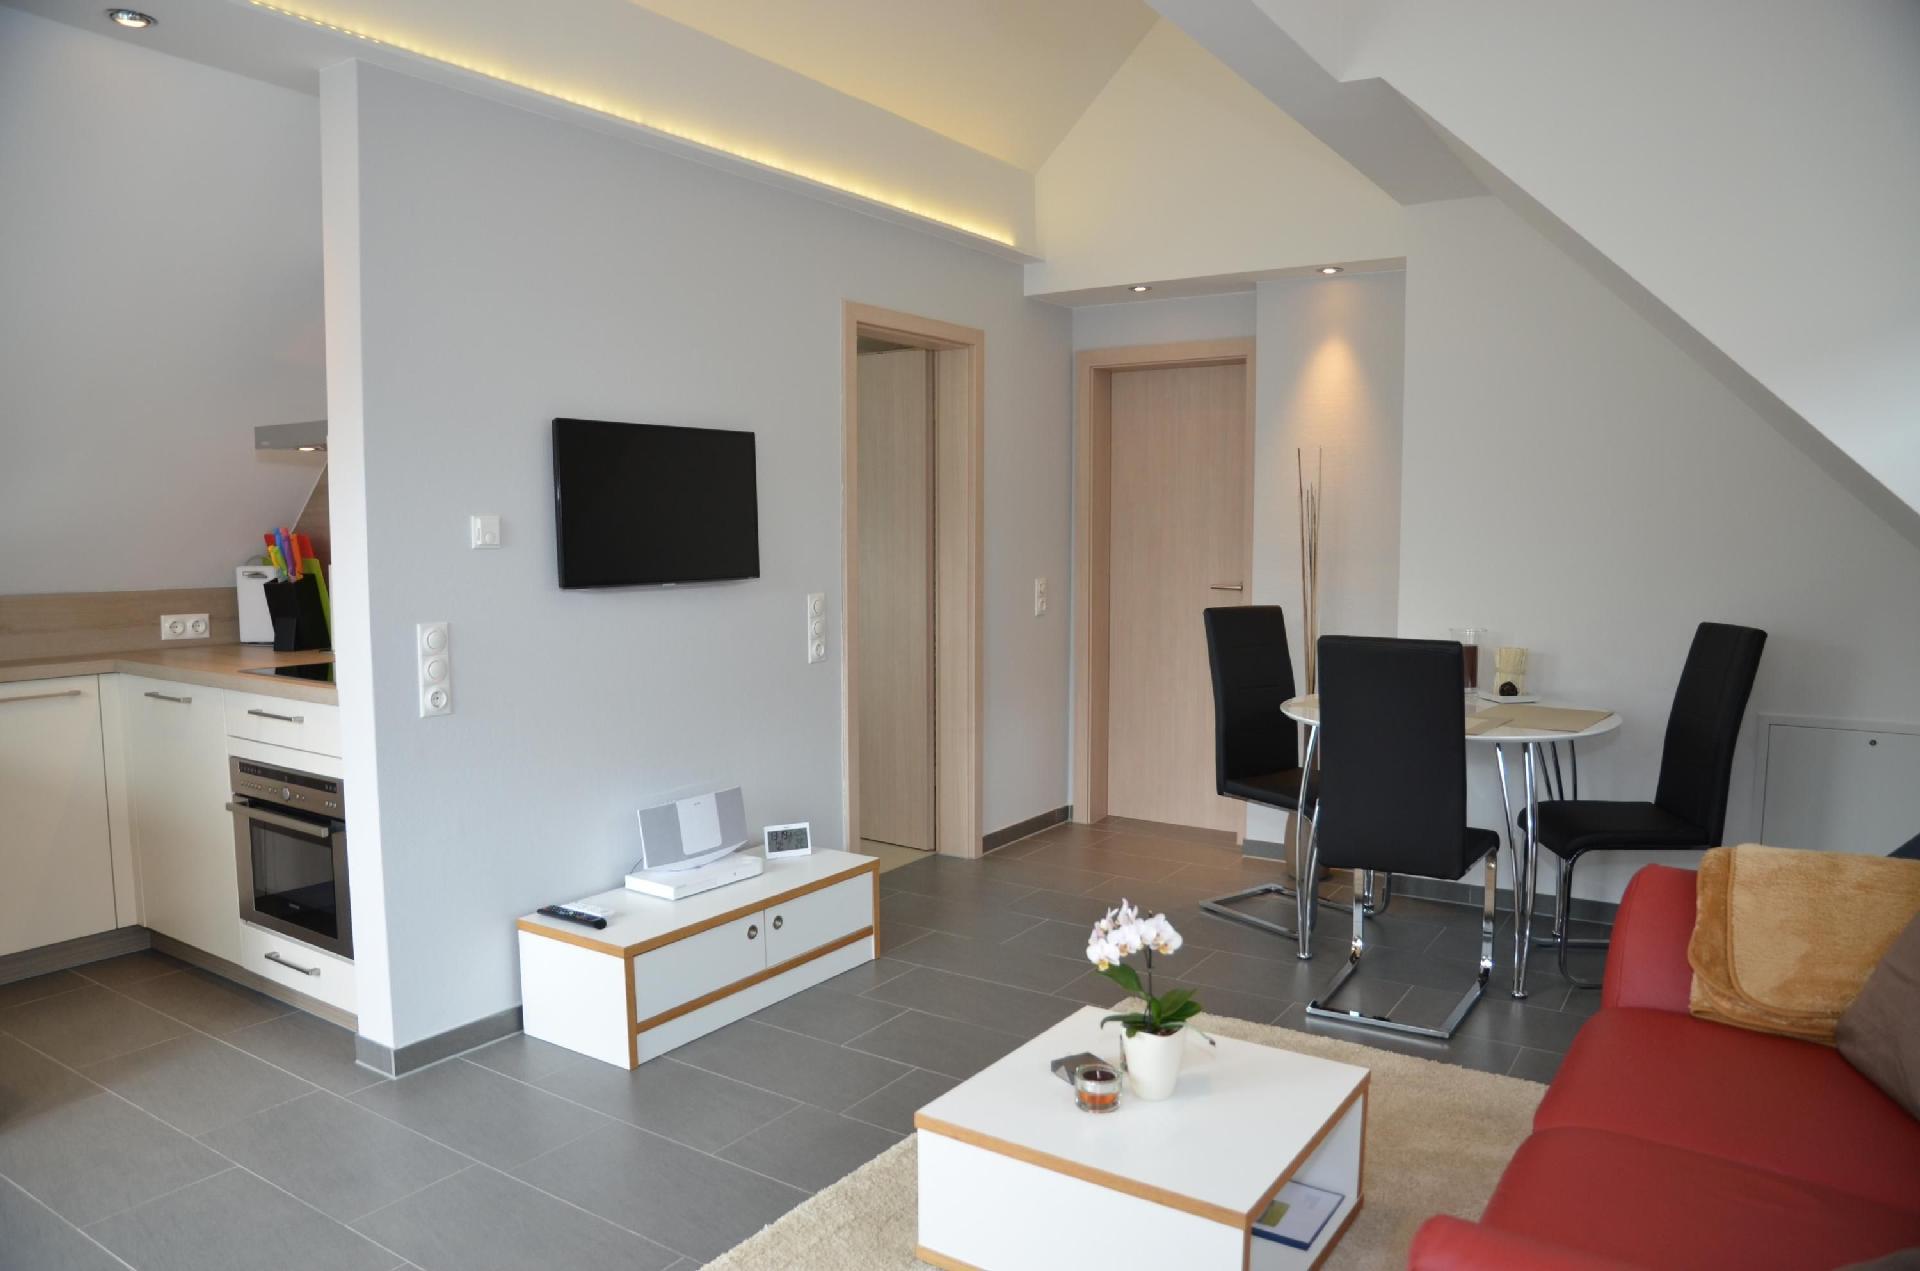 Ferienwohnung für 2 Personen  + 1 Kind ca. 57  in Königstein